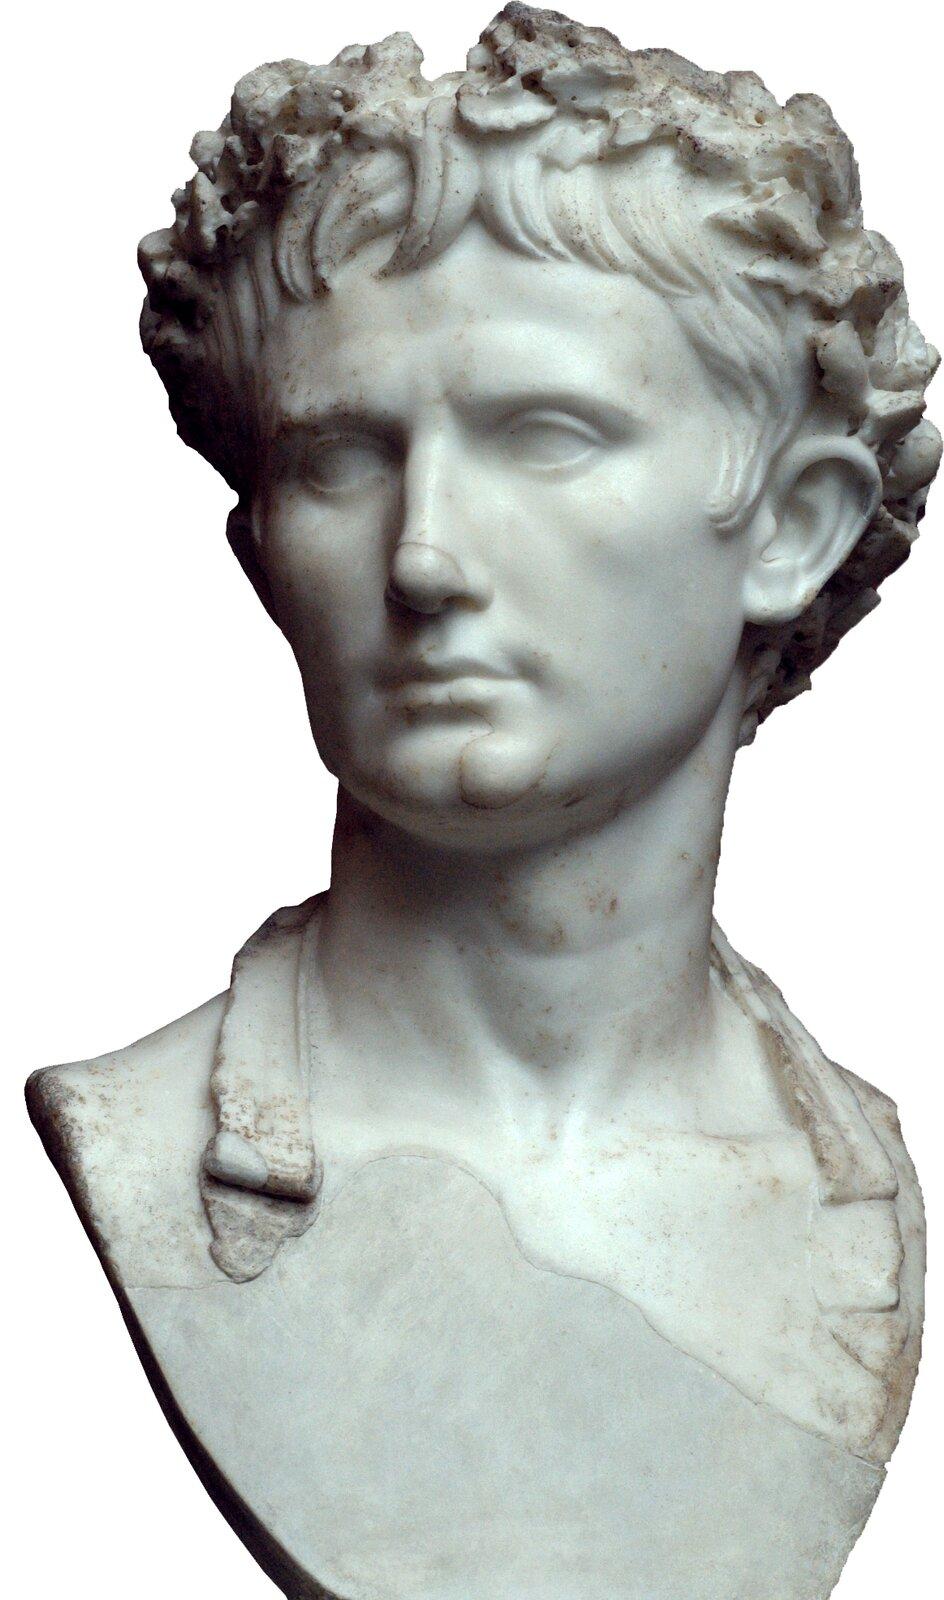 Narodziny Cesarstwa Rzymskiego Epodreczniki Pl